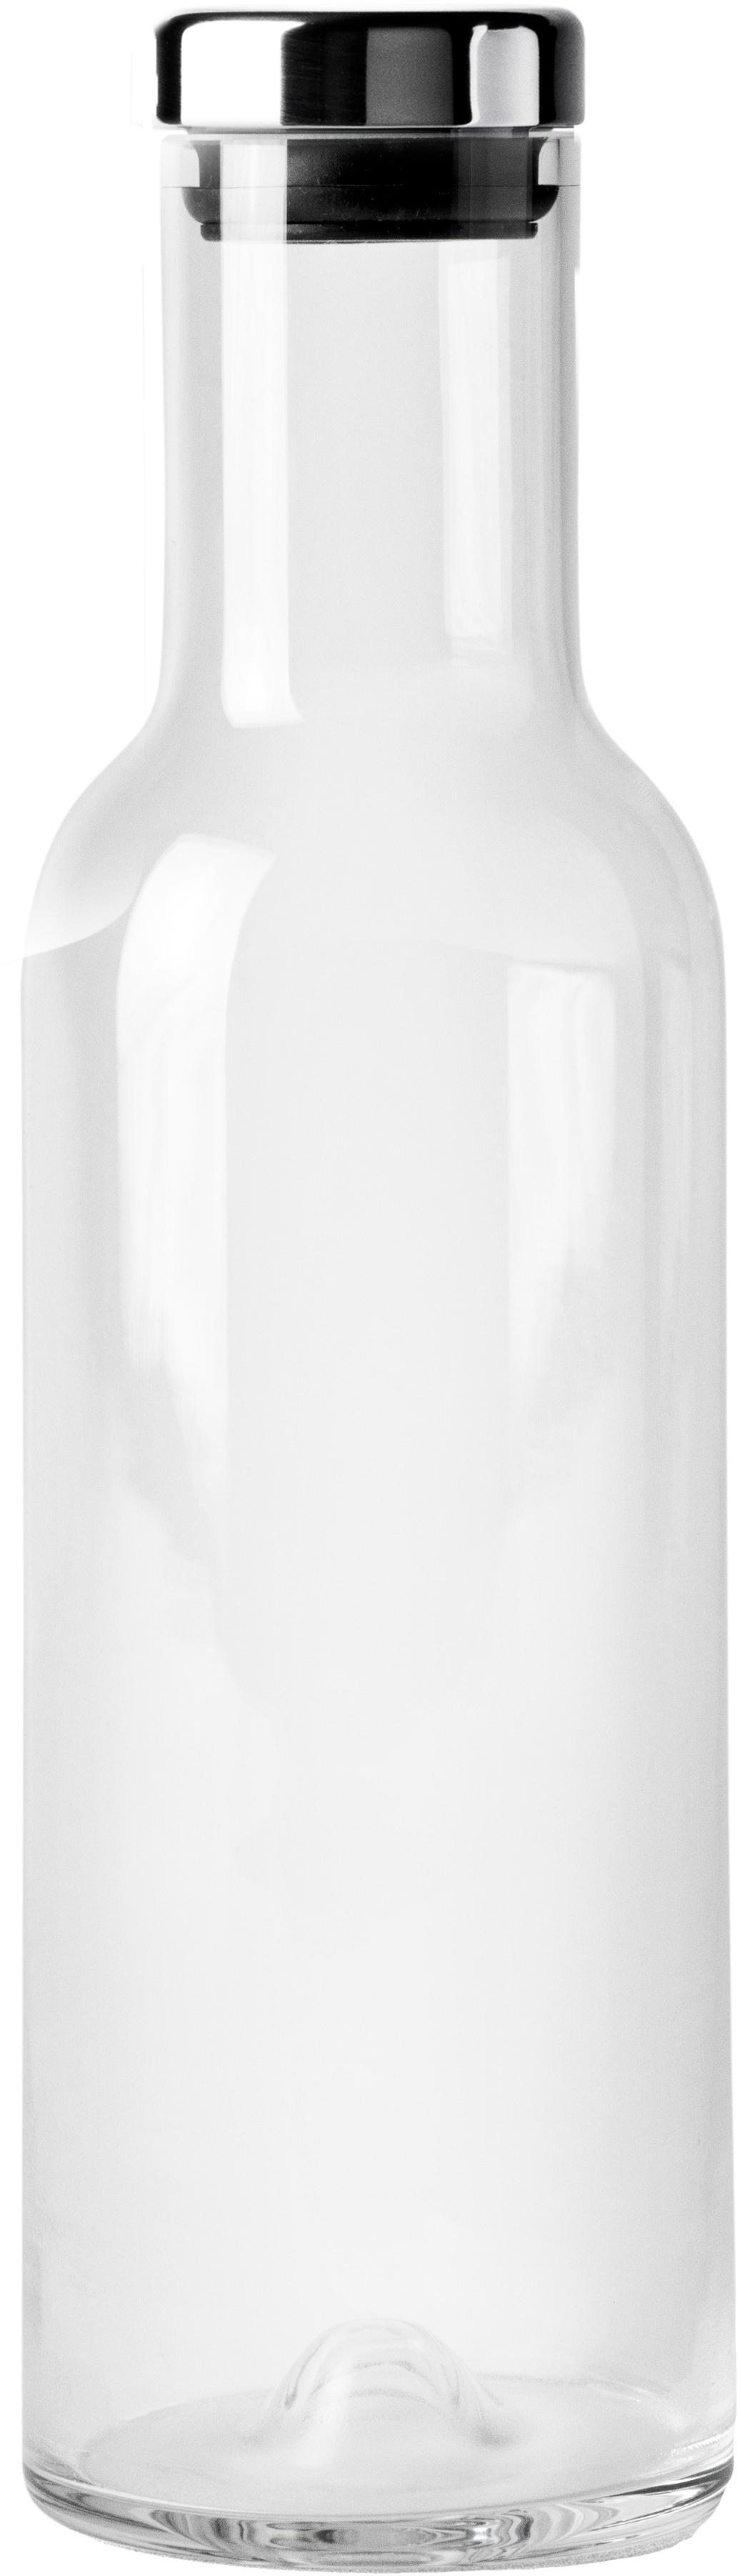 Bottiglia Norm, Vetro soffiato a bocca, silicone, Trasparente, 1 l